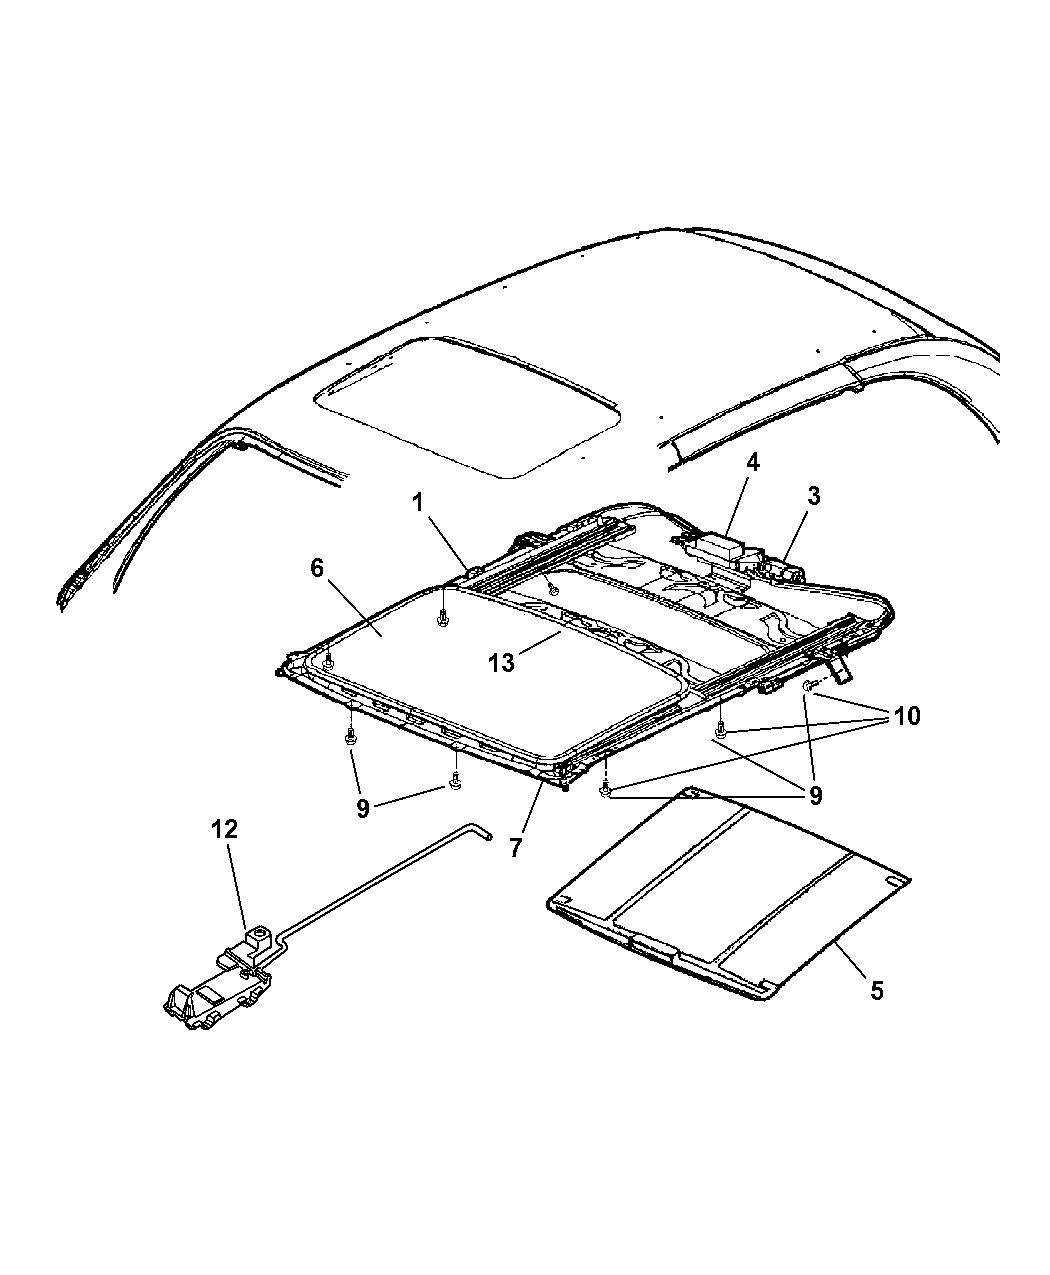 2002 chrysler pt cruiser sunroof mopar parts giant 2005 pt cruiser sunroof repair pt cruiser sunroof diagram #4